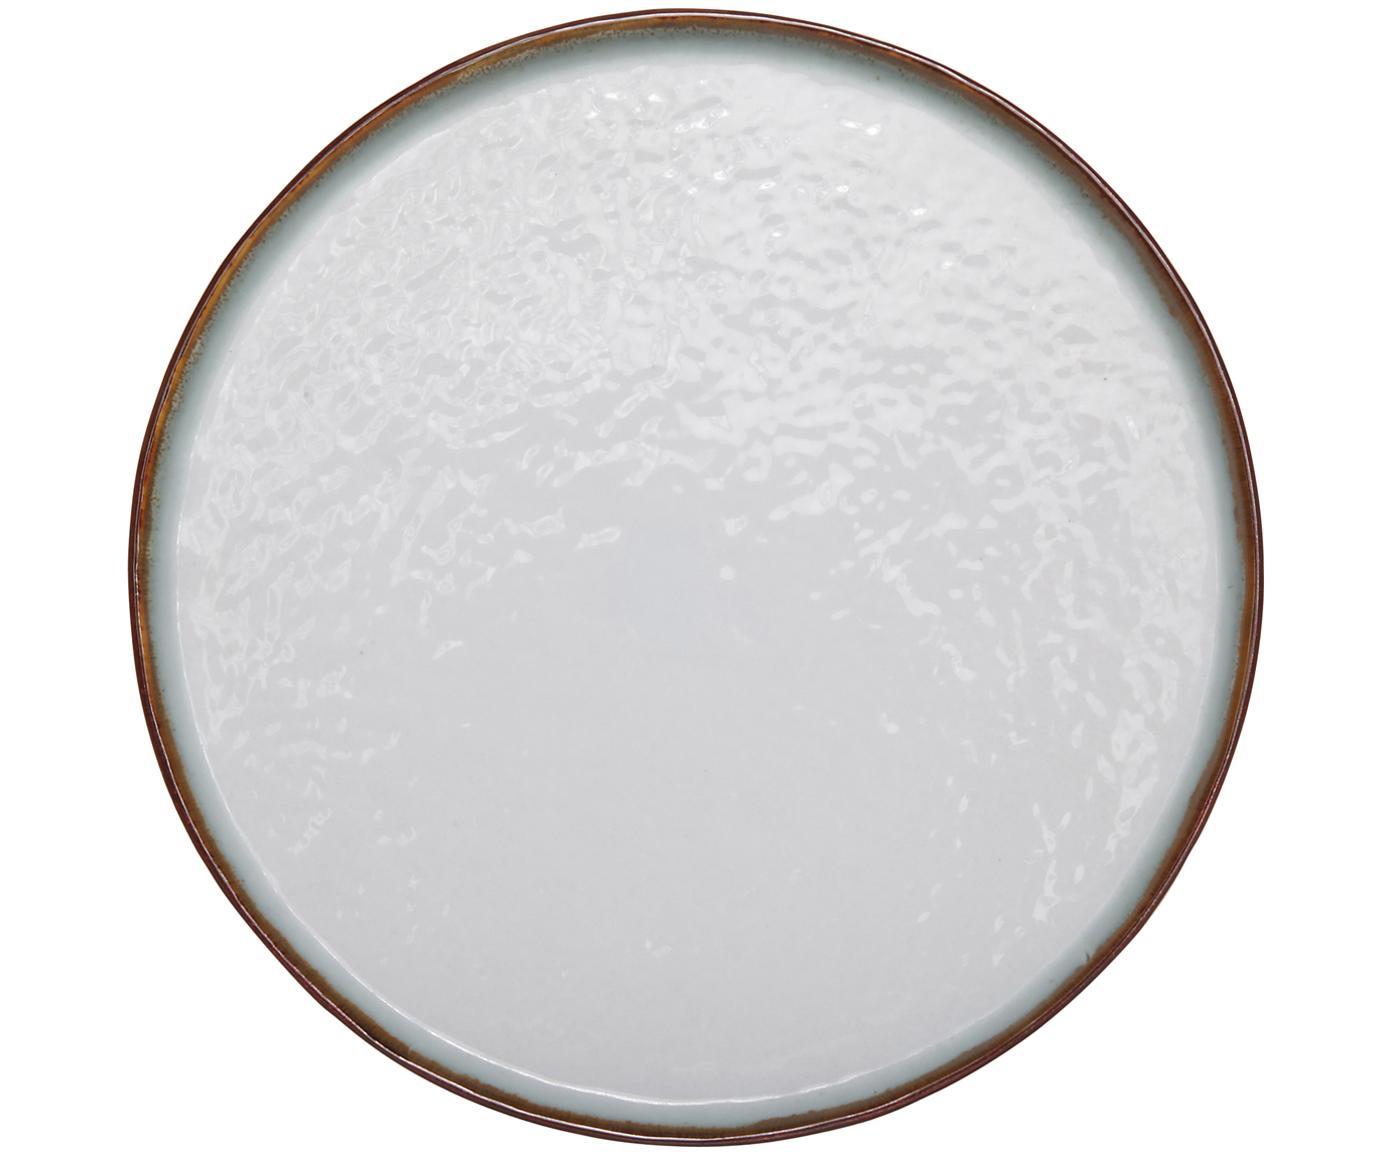 Platos llanos Plato, 4uds., Gres, Marrón, blanco, Ø 28 cm